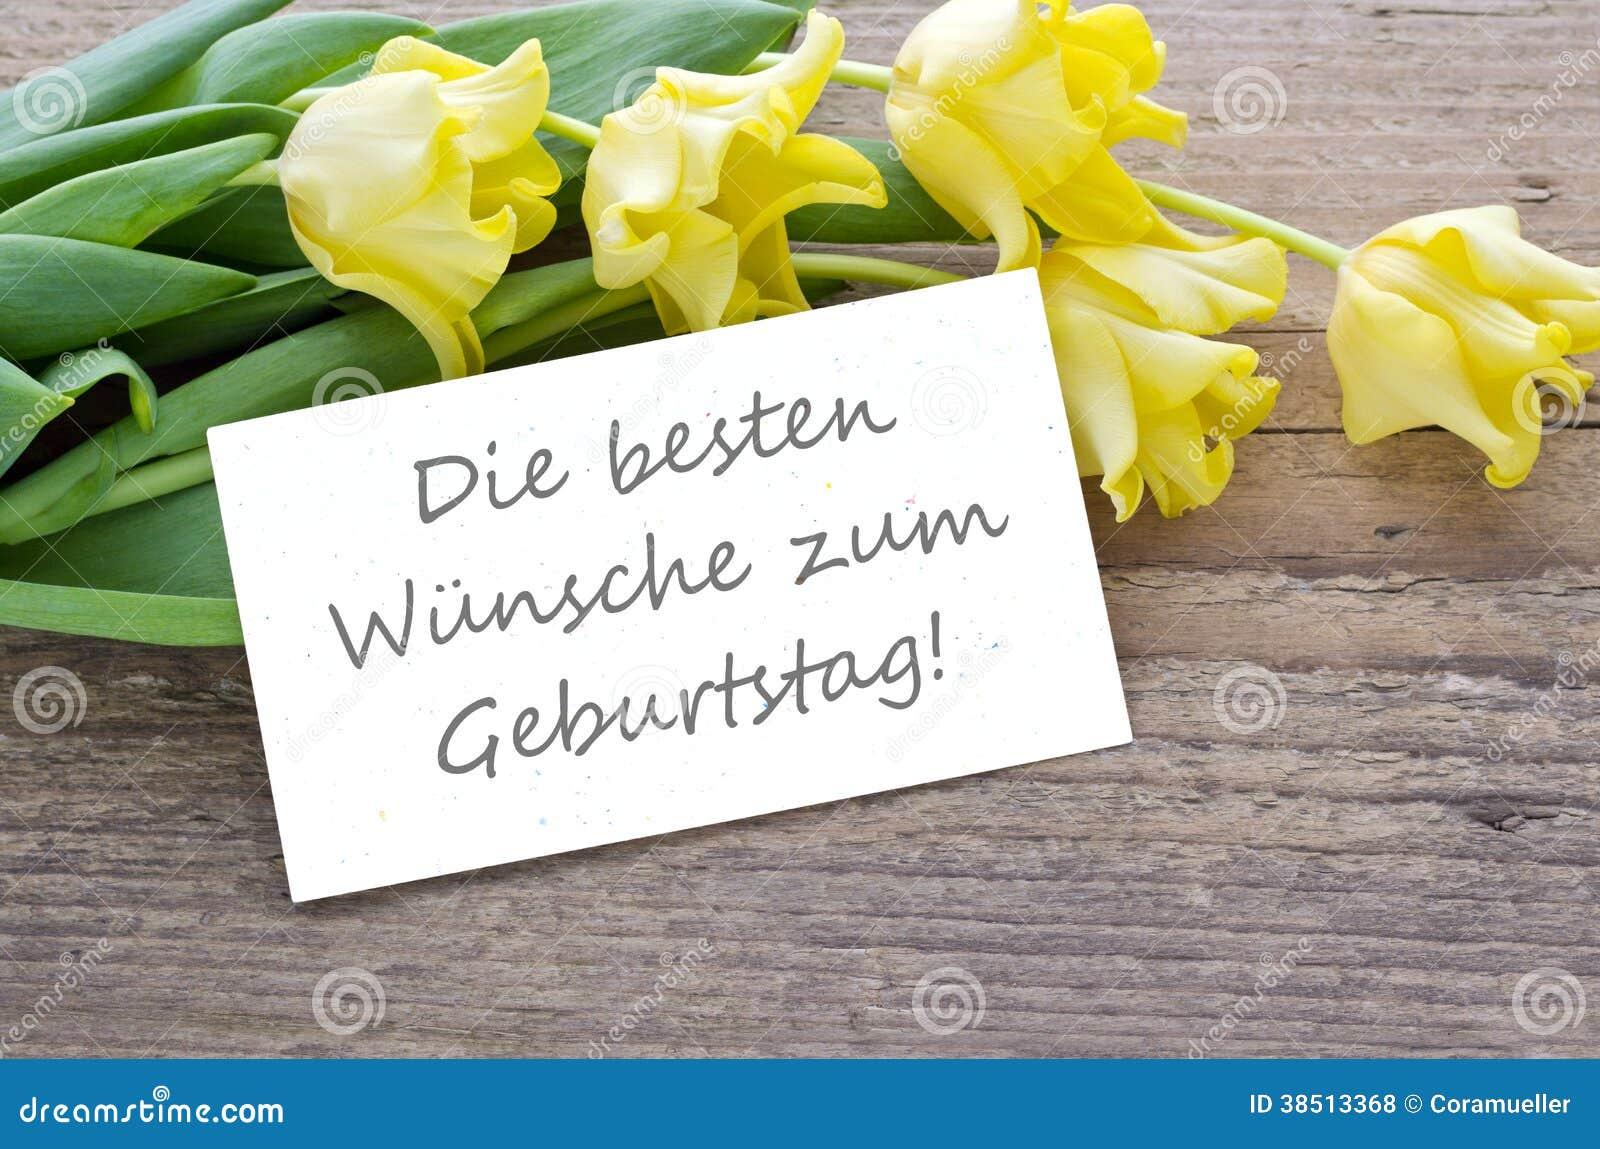 Verjaardagskaart Duits Janknegtfineart